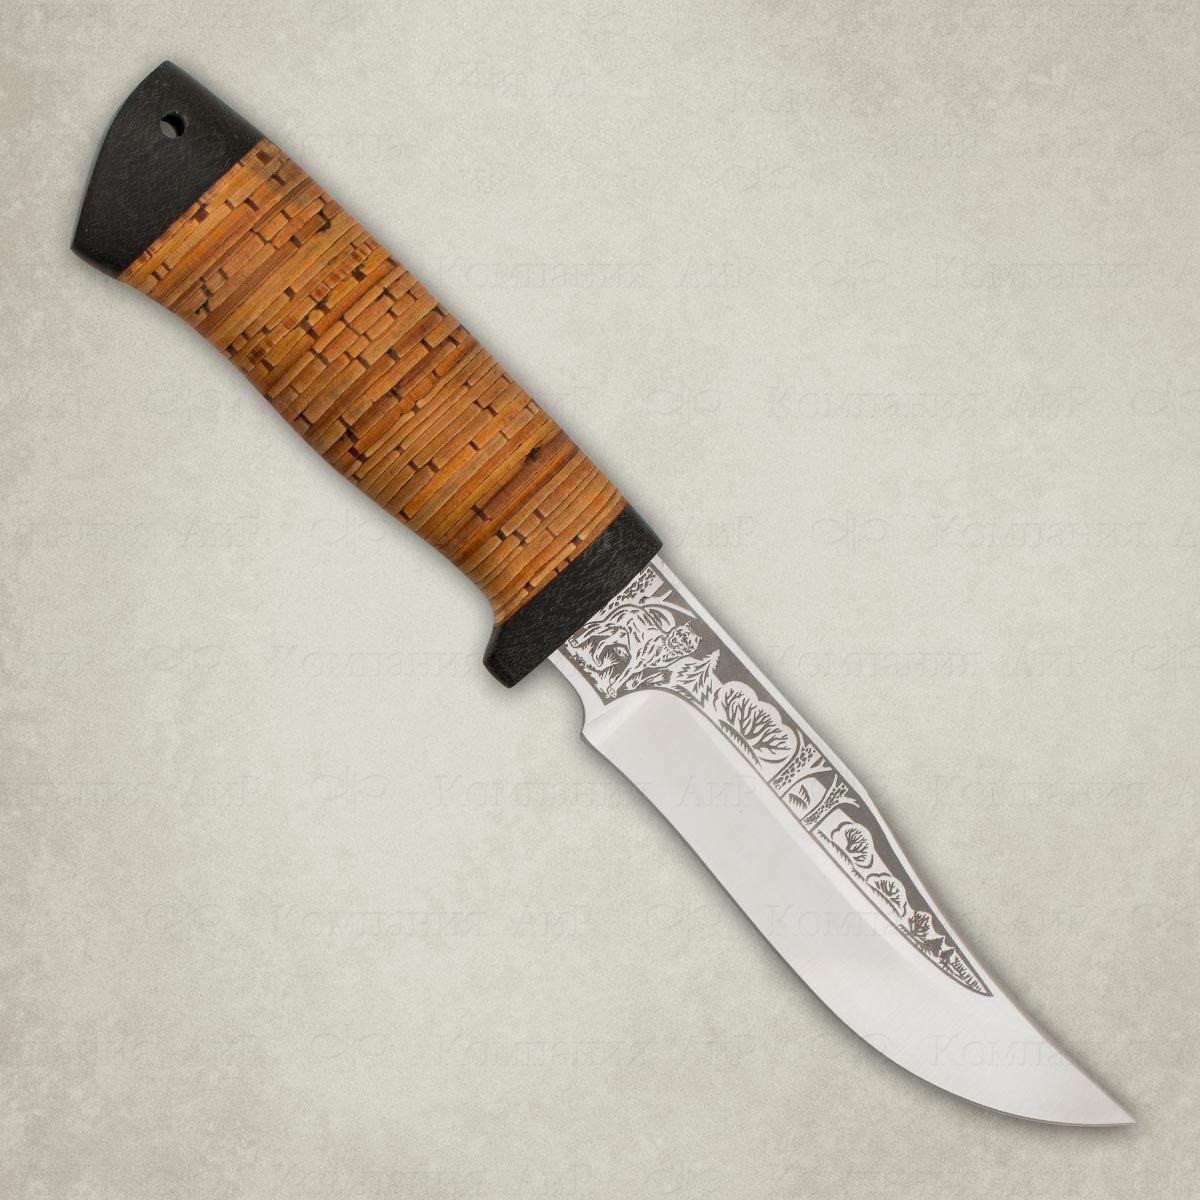 Нож Клычок-1, береста, сталь К-340